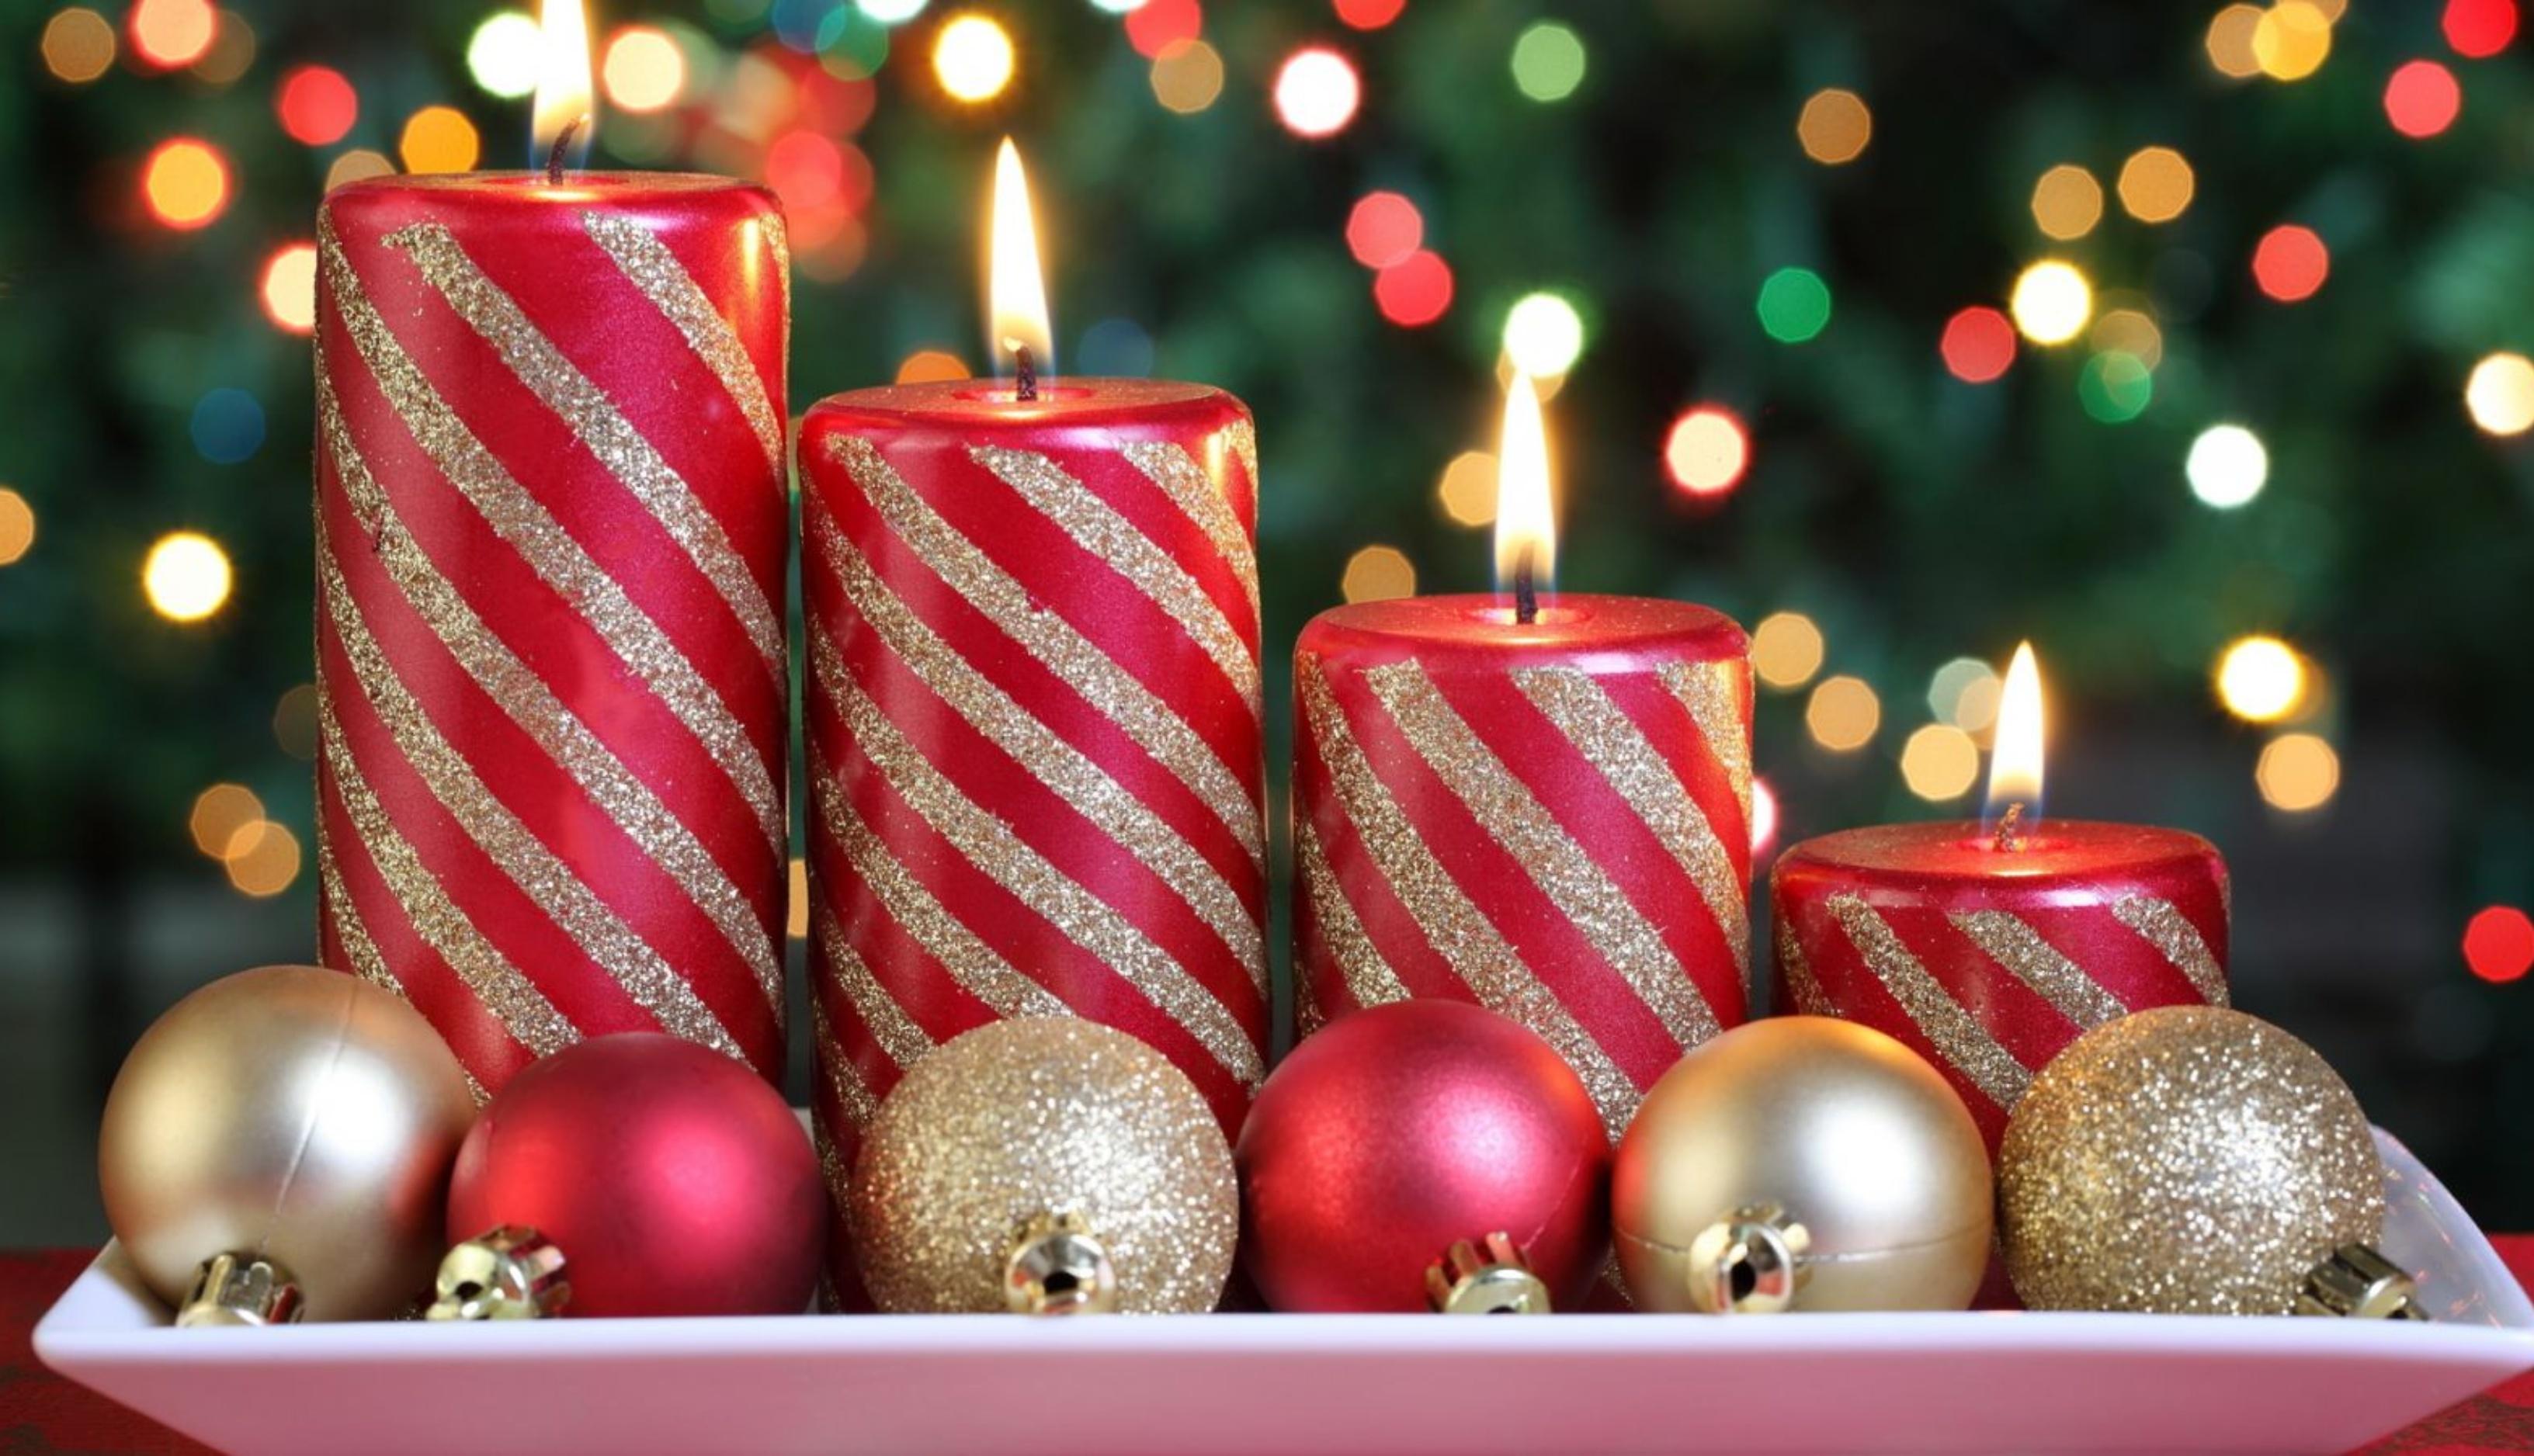 Espíritu de la Navidad - Cortesía